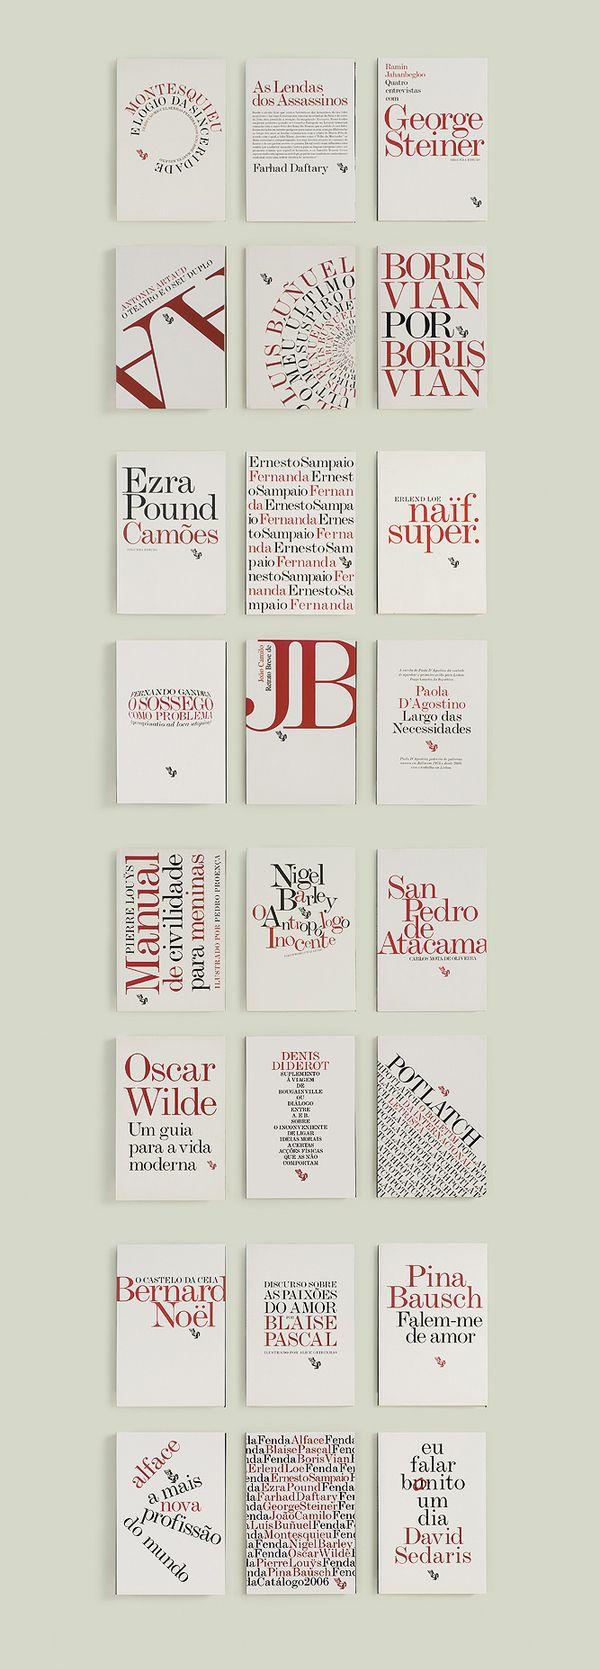 FENDA book series 2012. Type design